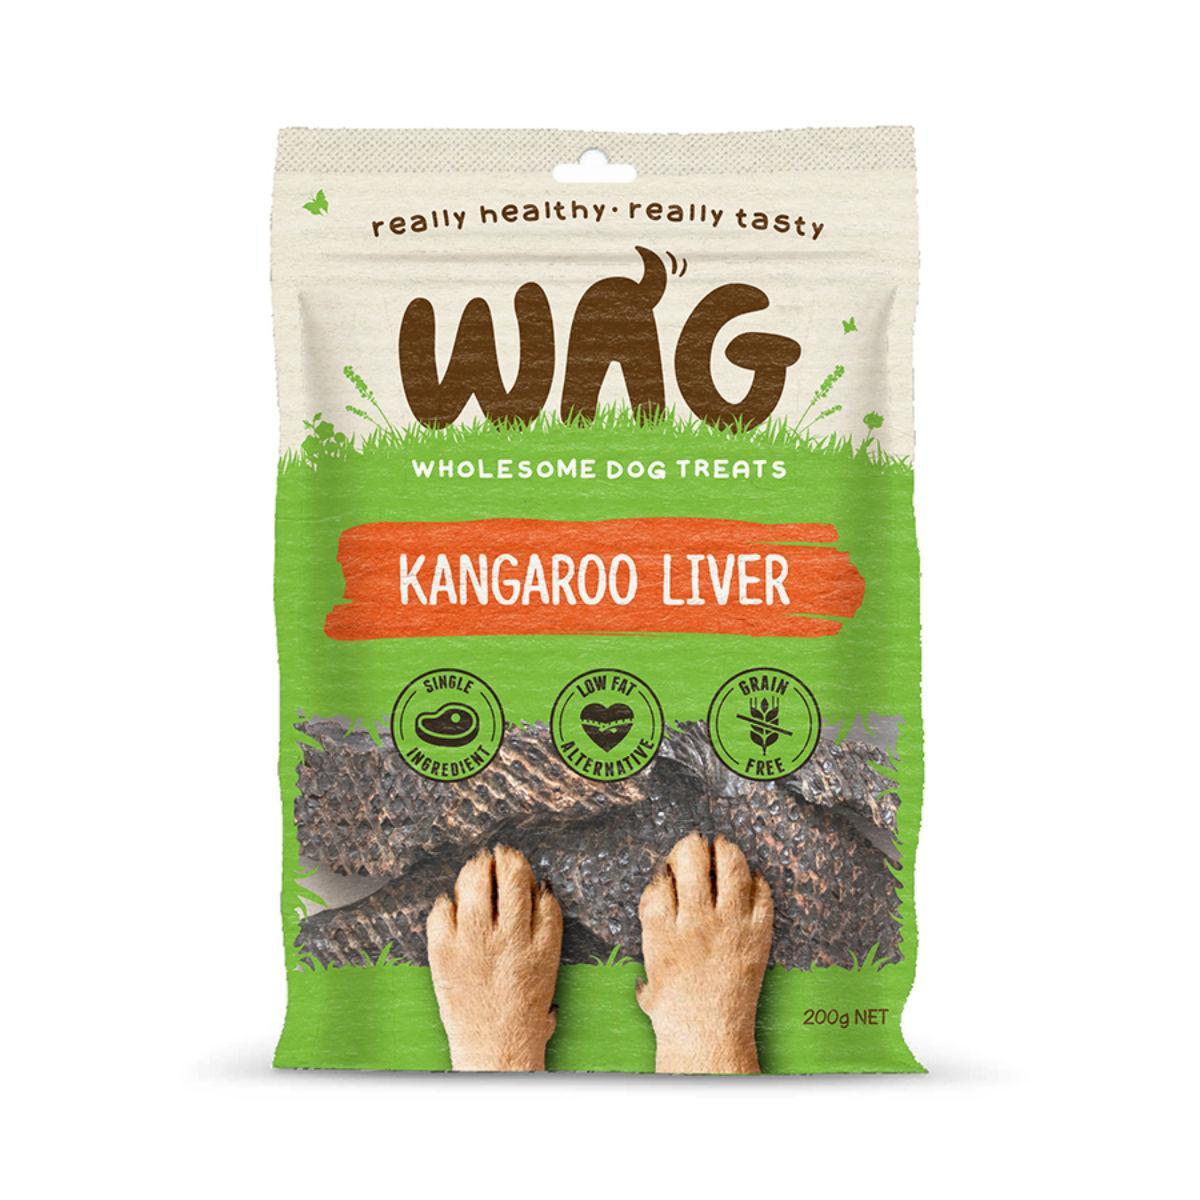 WAG Kangaroo Liver Dog Jerky Treats